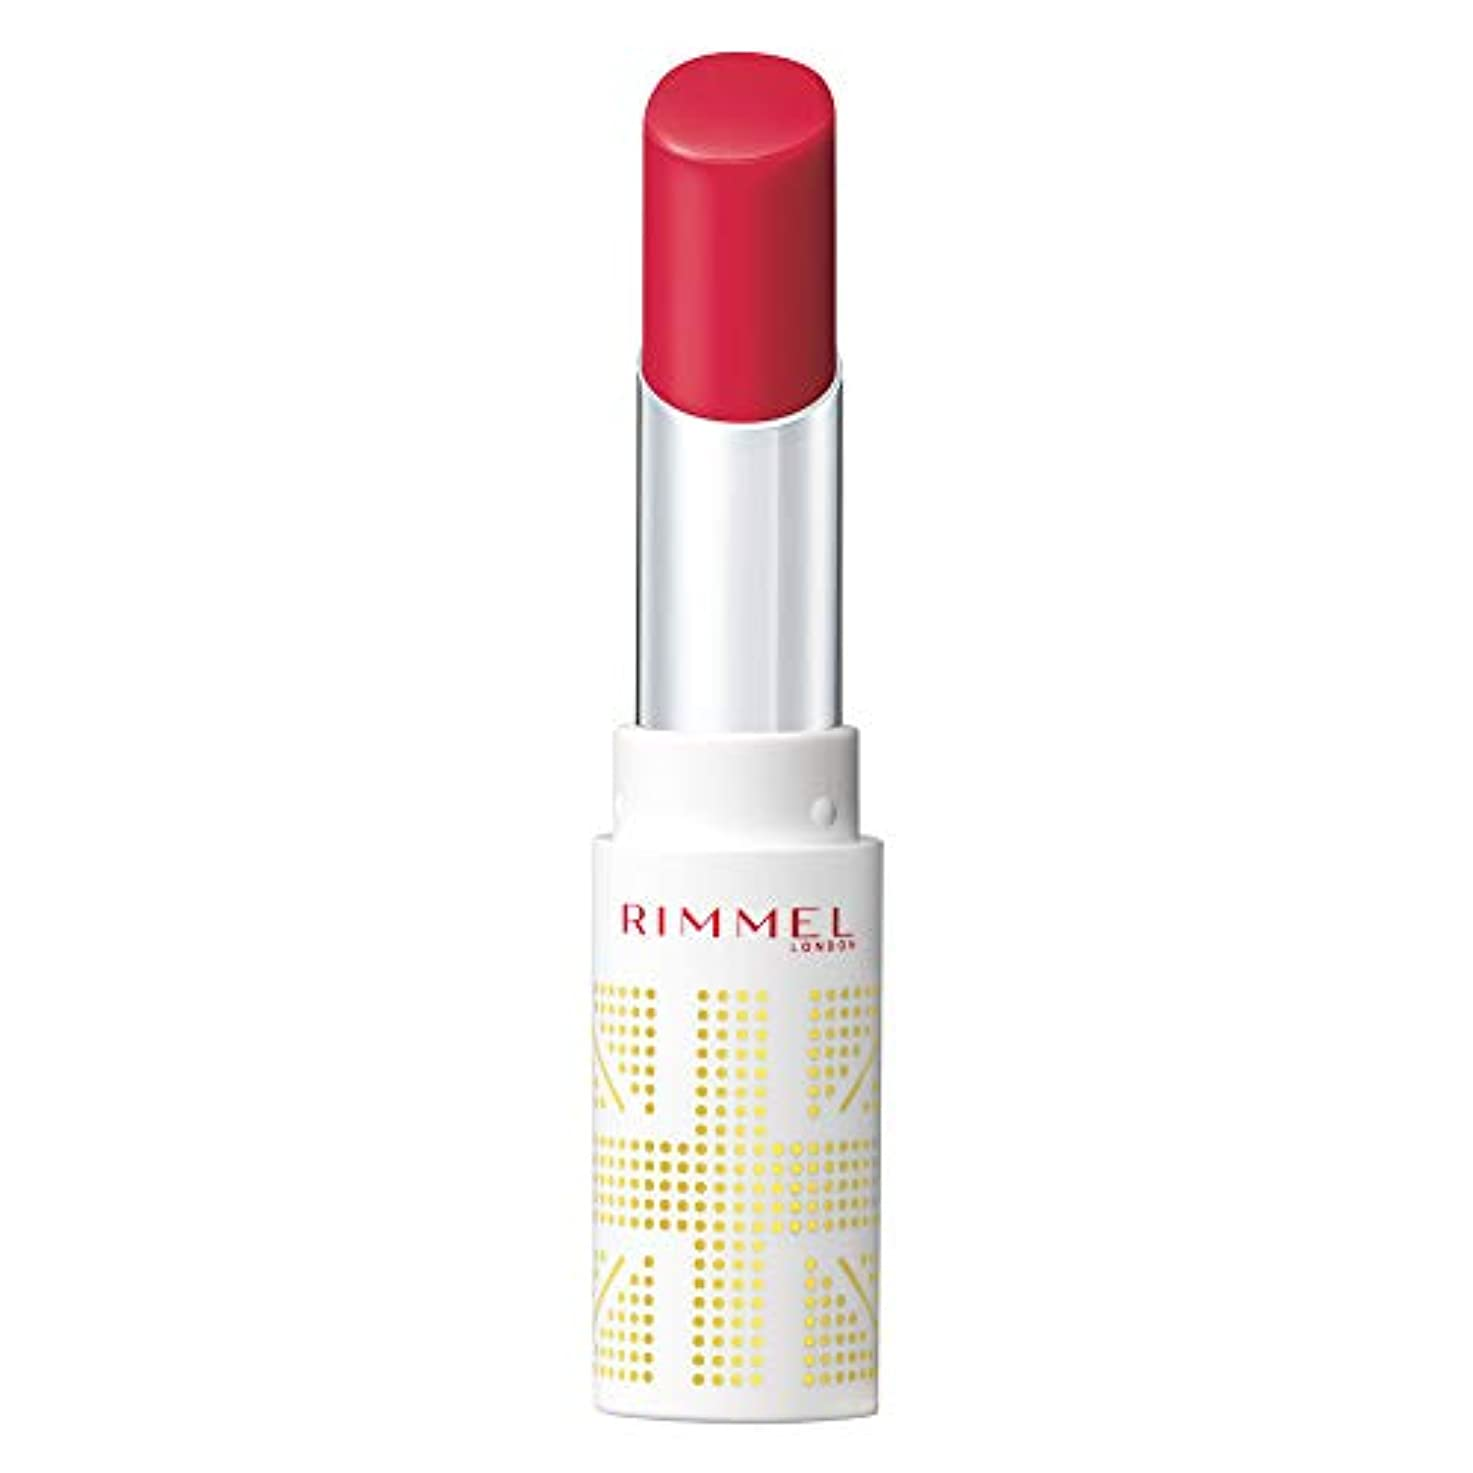 エイリアスビザパネルRimmel (リンメル) リンメル ラスティングフィニッシュ オイルティントリップ 001 ベリーピンク 3.8g 口紅